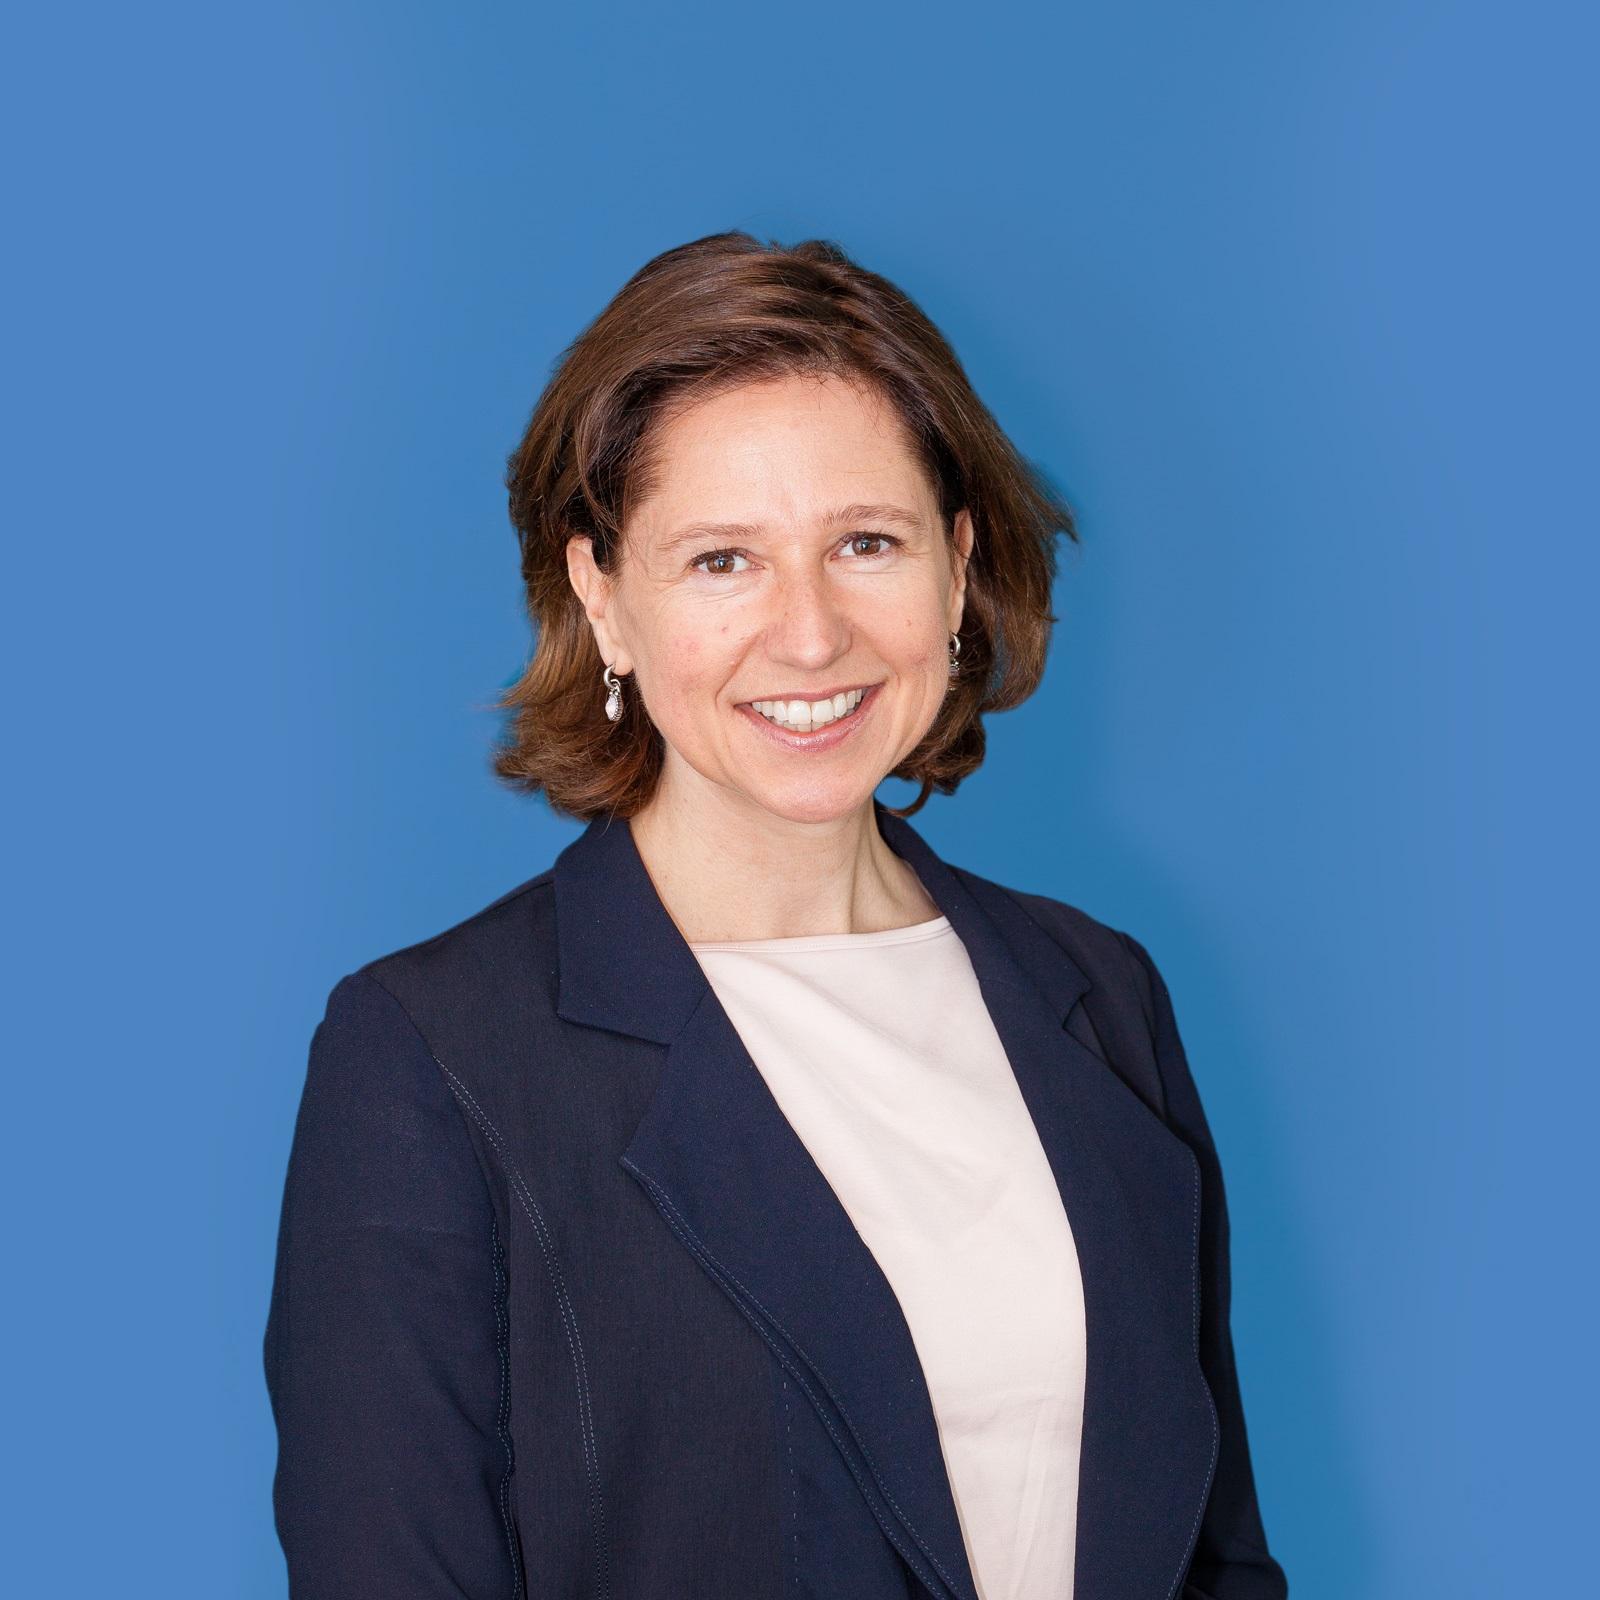 Martine Hoogendoorn